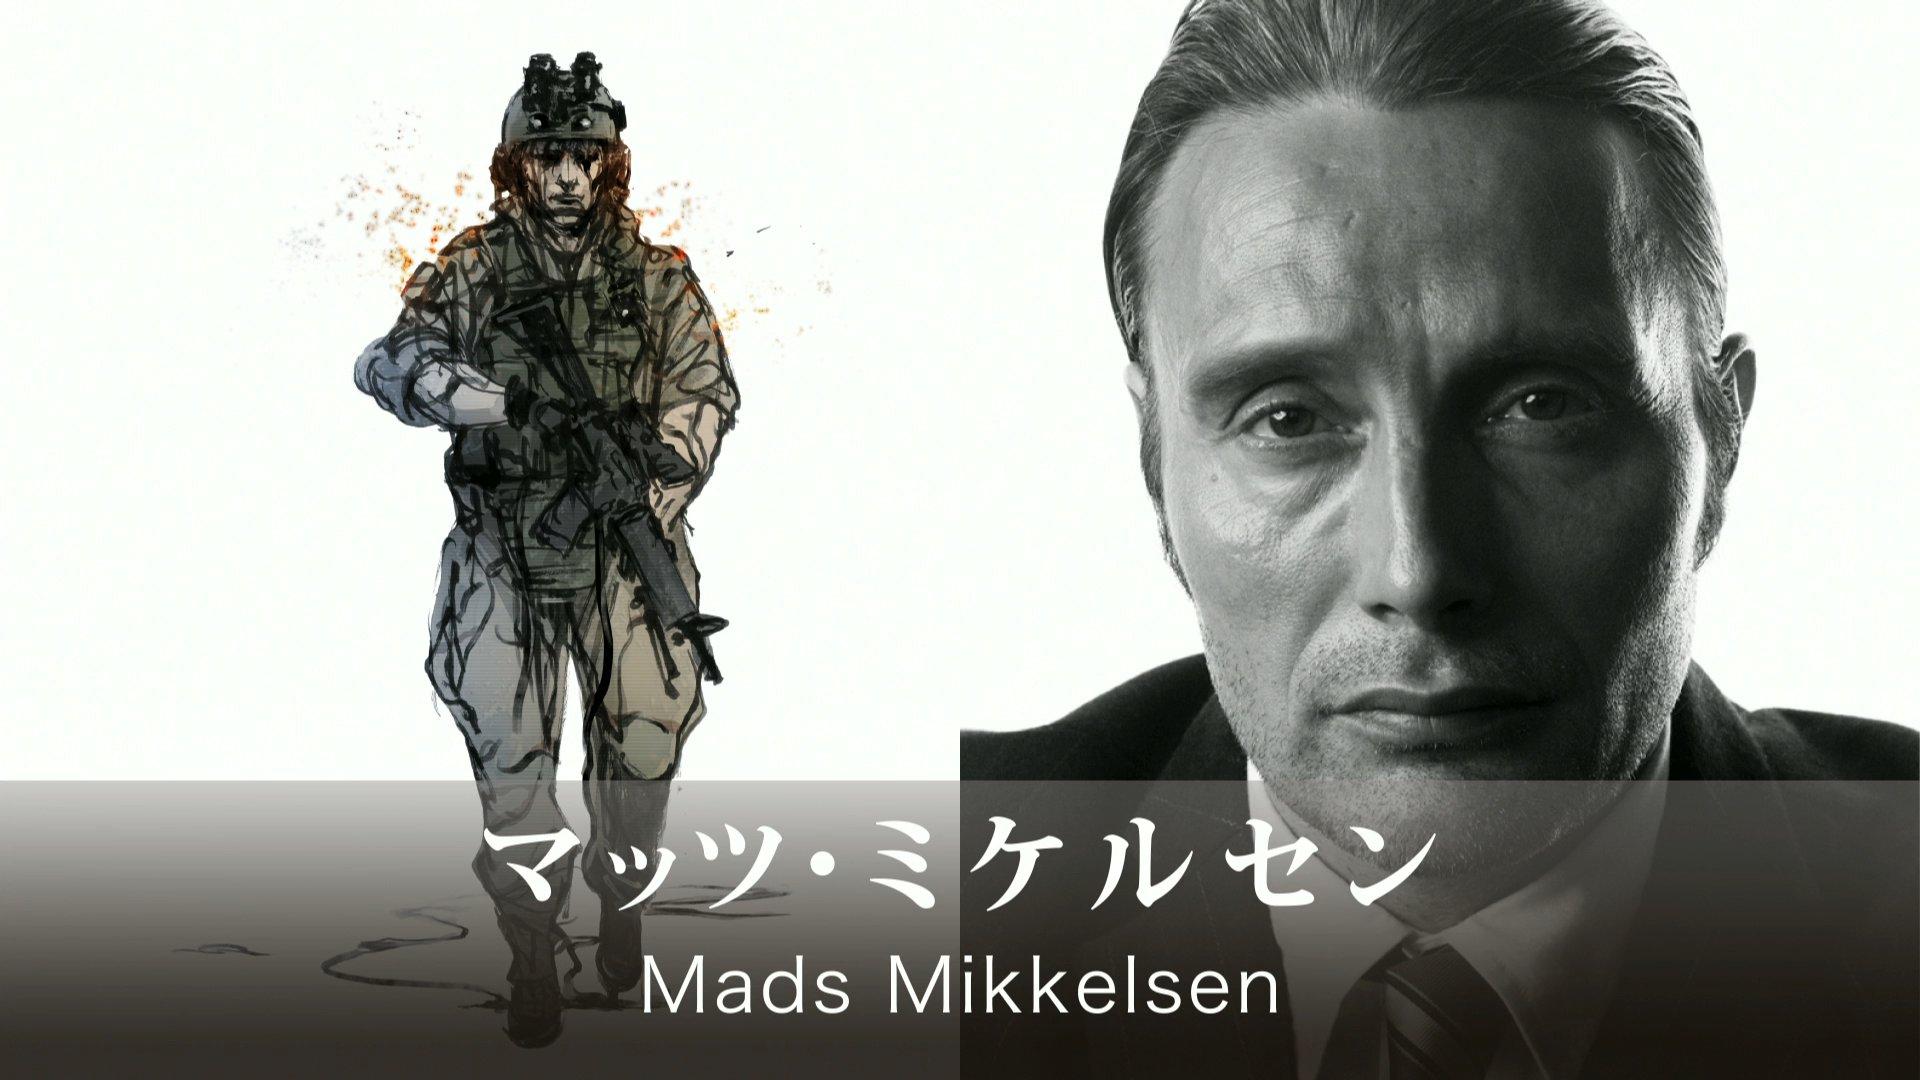 Personagem de Mads Mikkelsen em Death Stranding